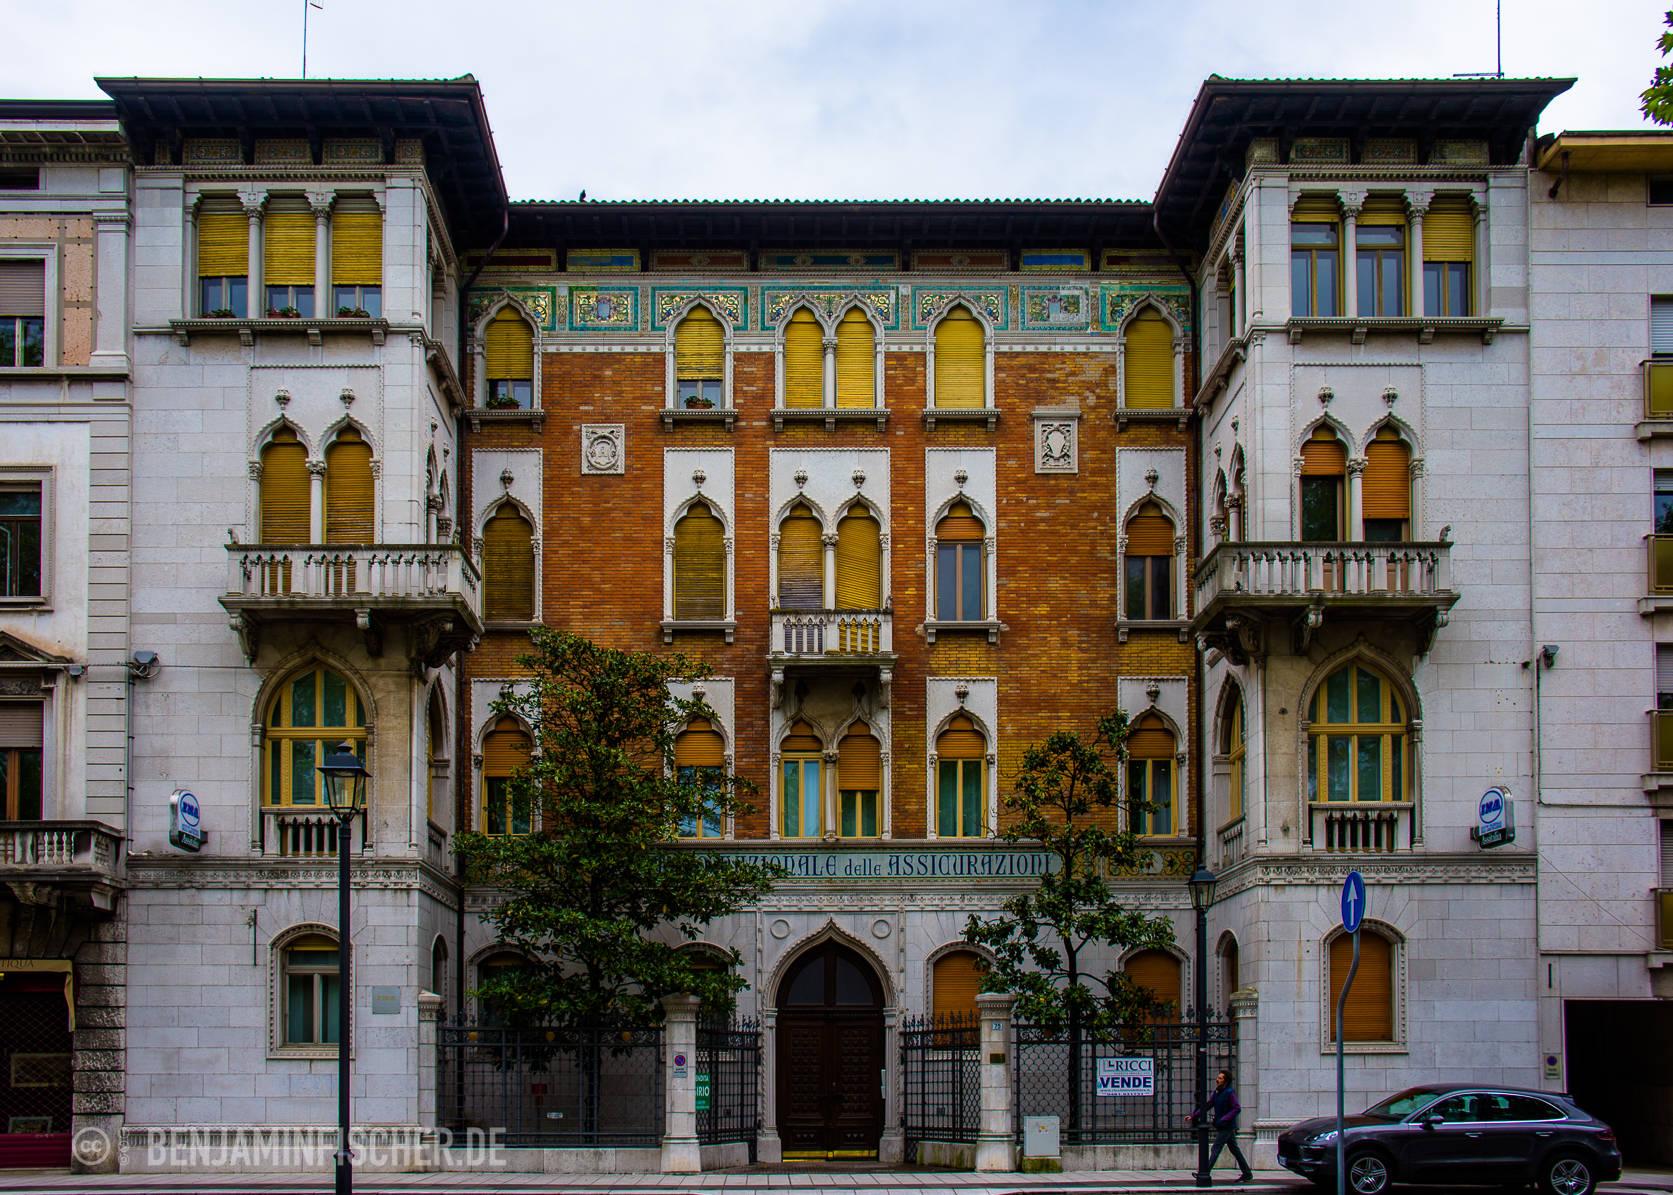 Ein Haus in der Altstadt von Gorizia, Italien